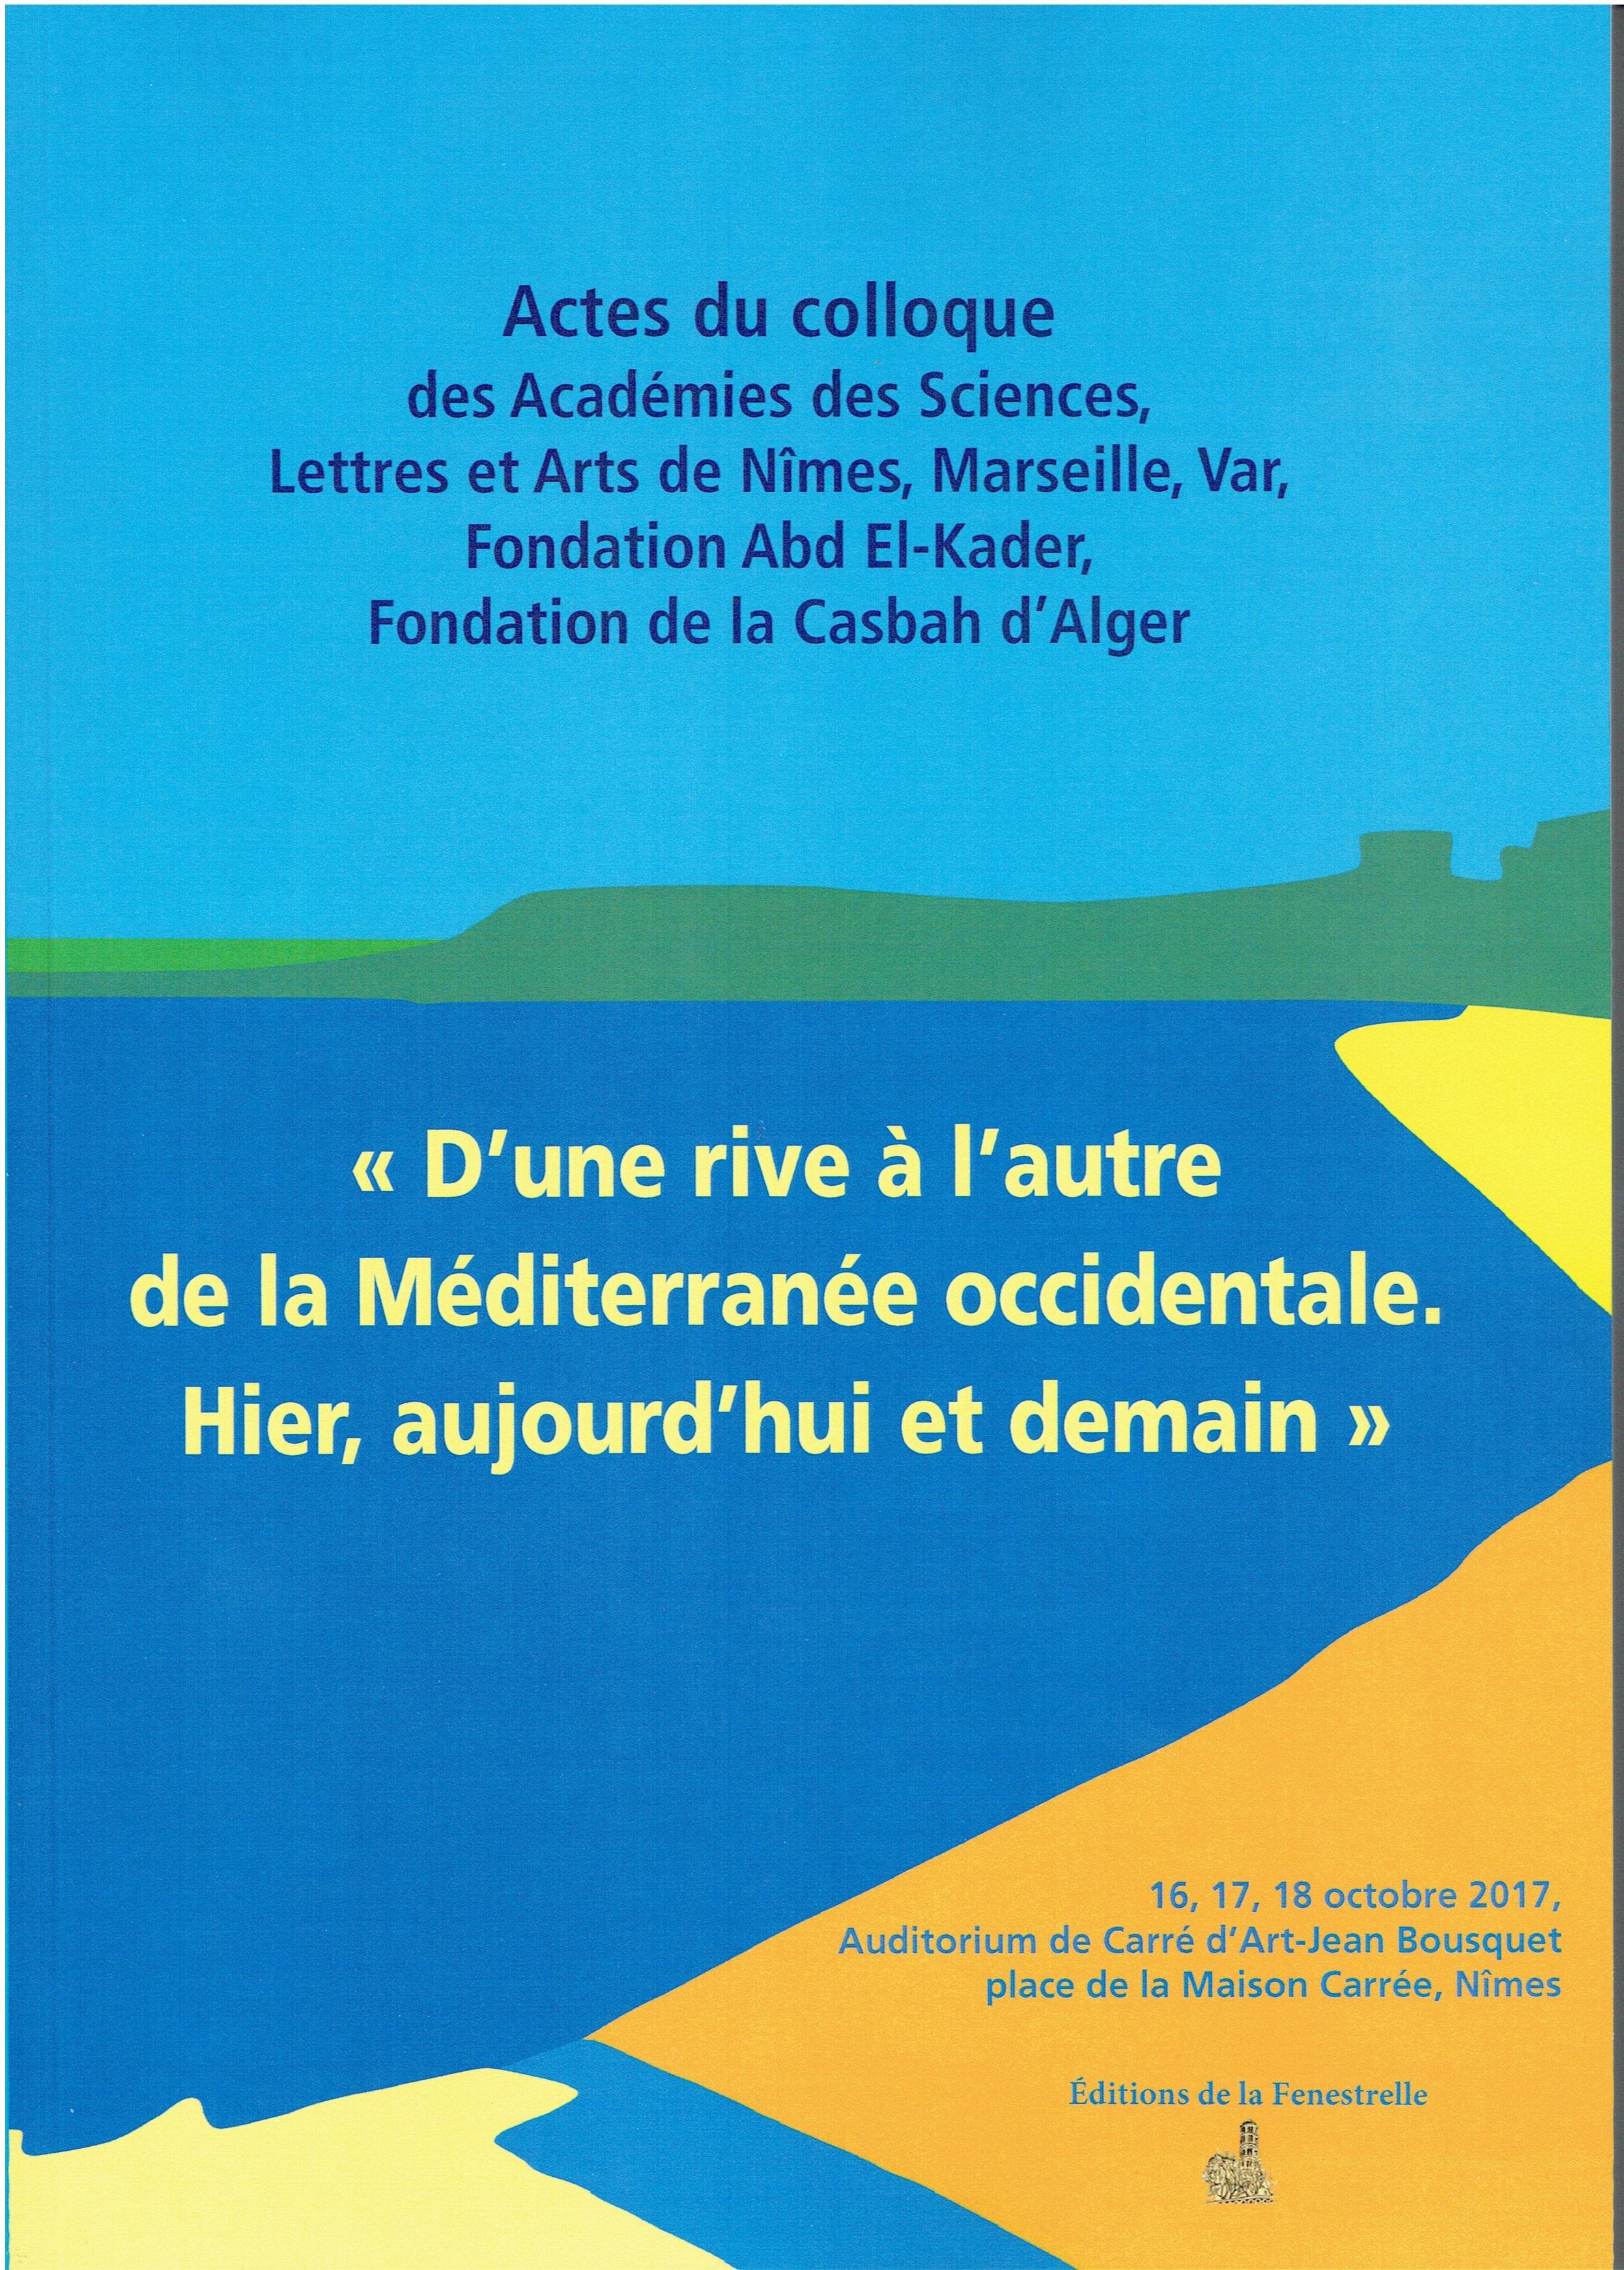 1 « D'une rive à l'autre de la Méditerranée occidentale. Hier, aujourd'hui et demain »